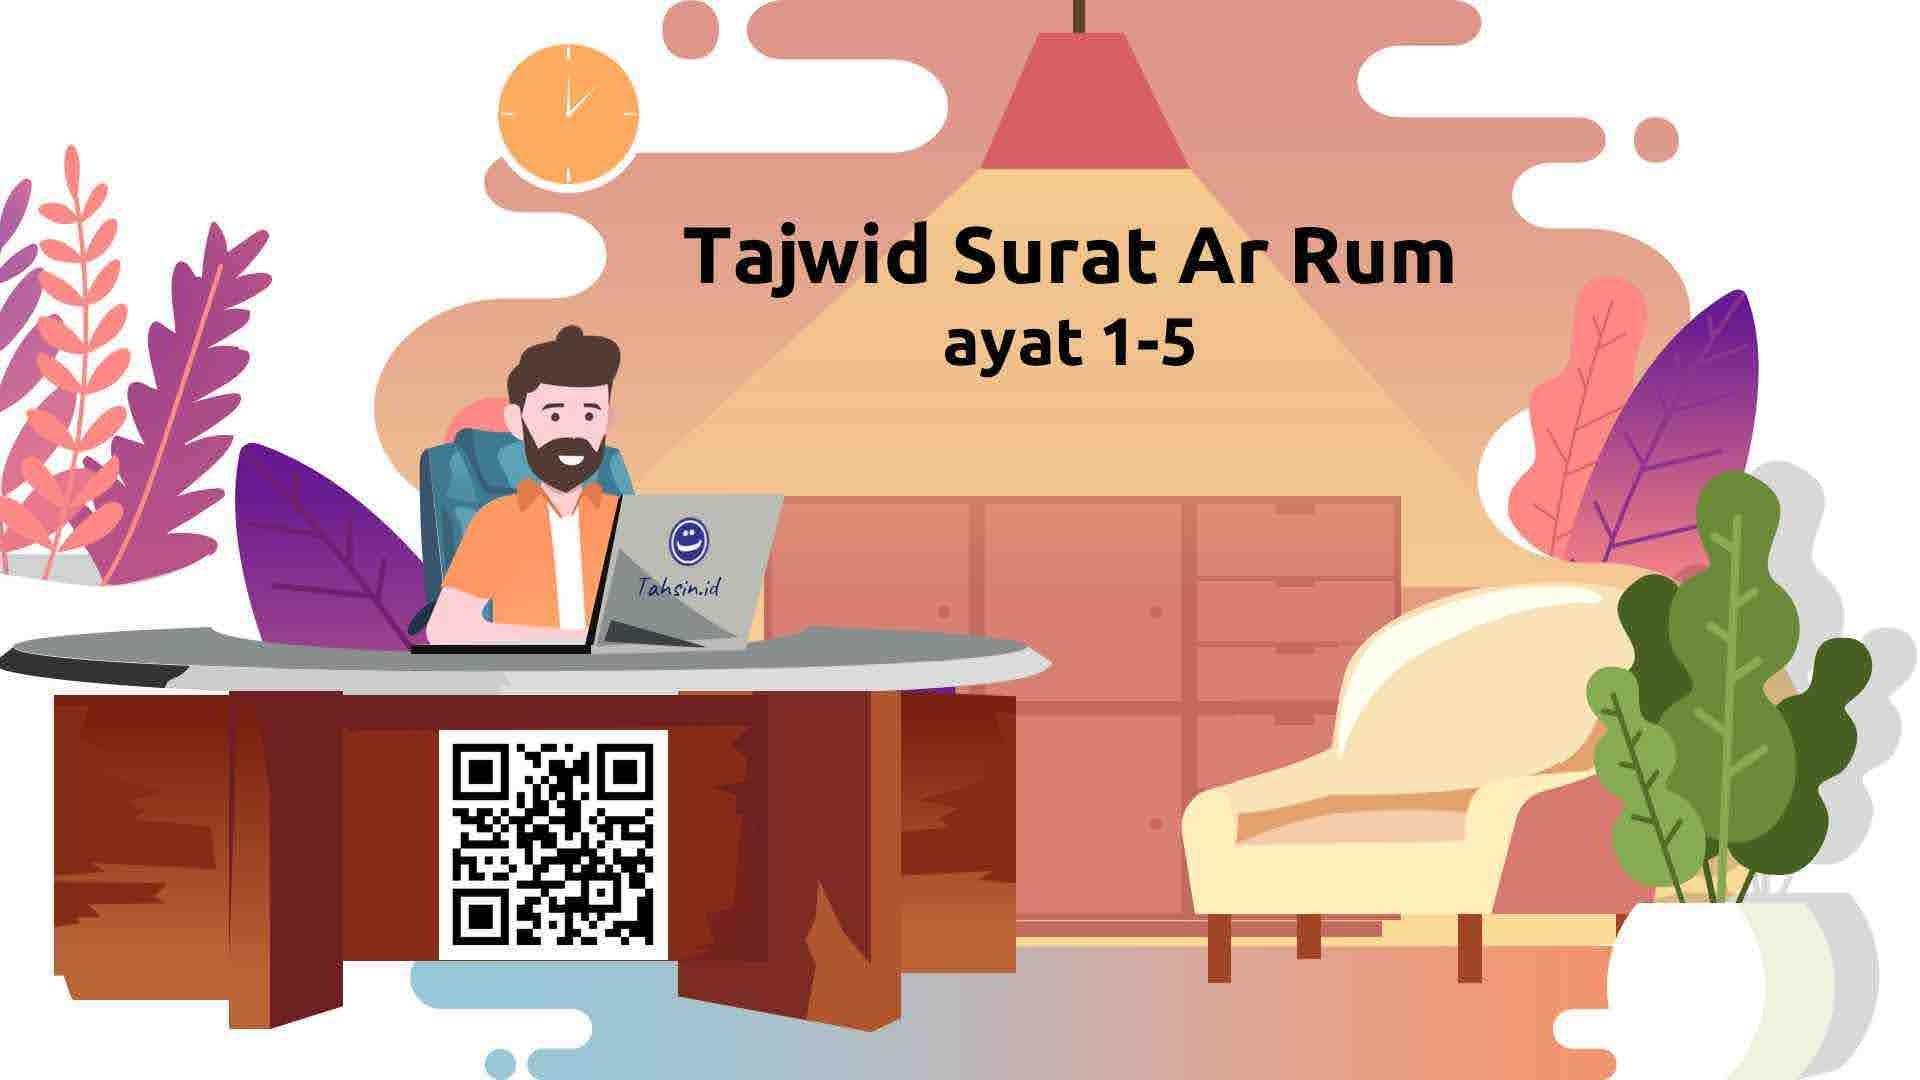 tajwid-surat-ar-rum-ayat-1-5